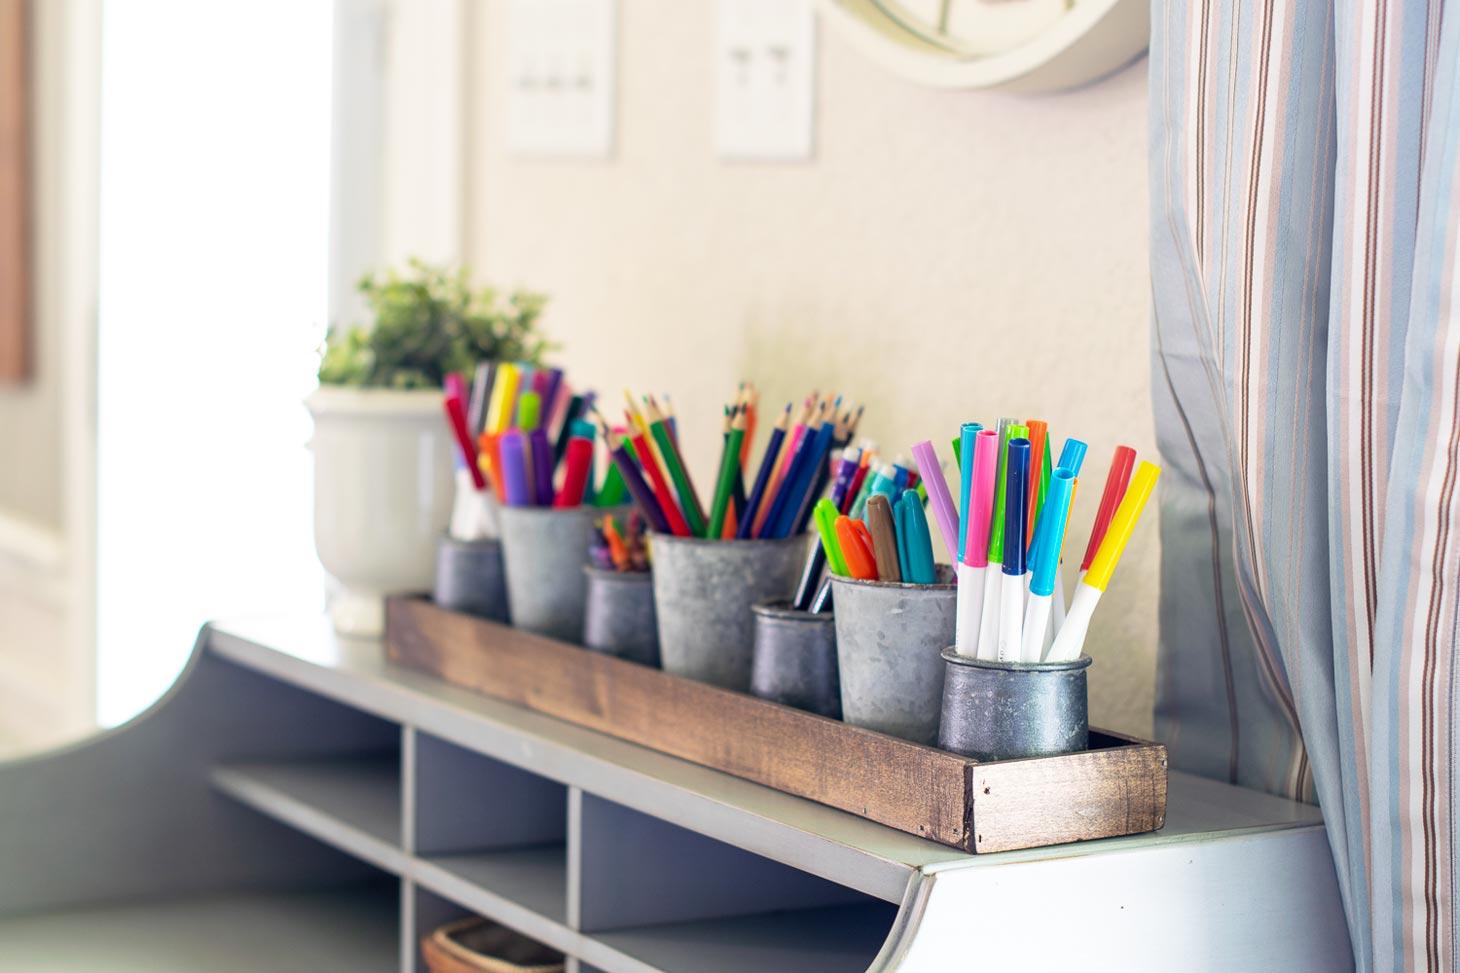 organize school supplies with this wooden desk organizer